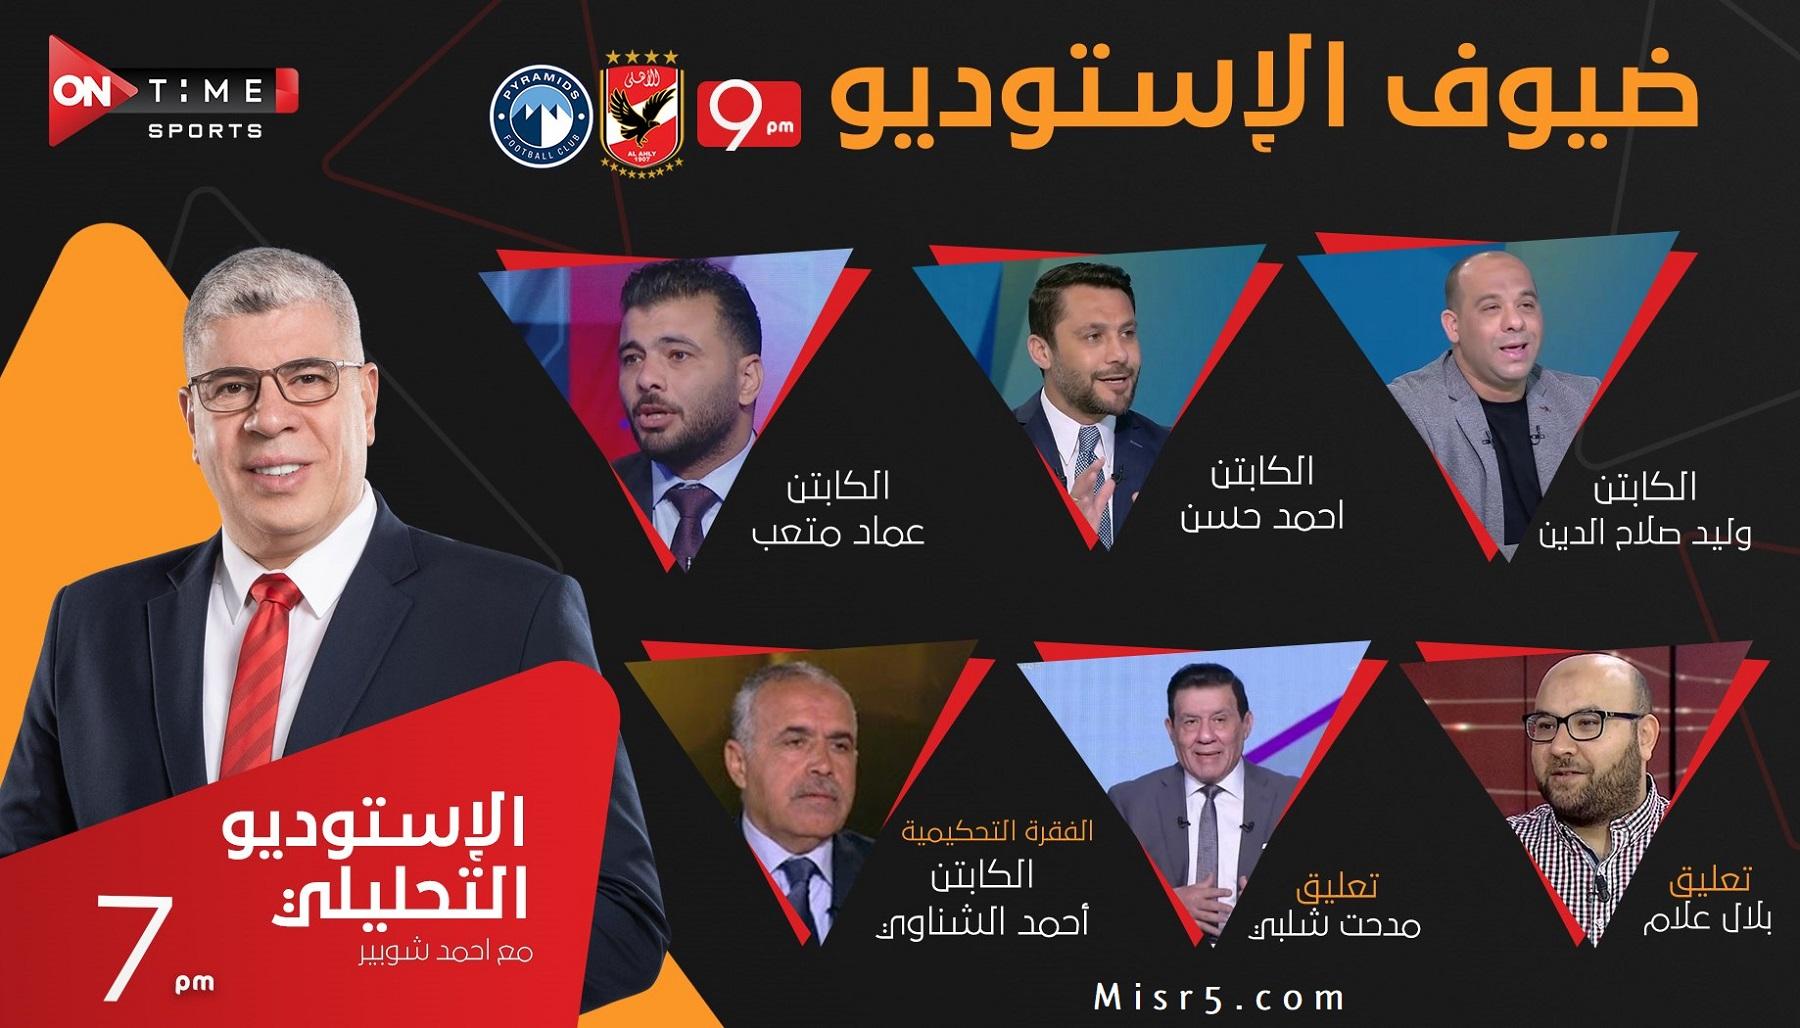 تردد قناة اون تايم سبورت الناقلة لمباراة الاهلي وبيراميدز اليوم